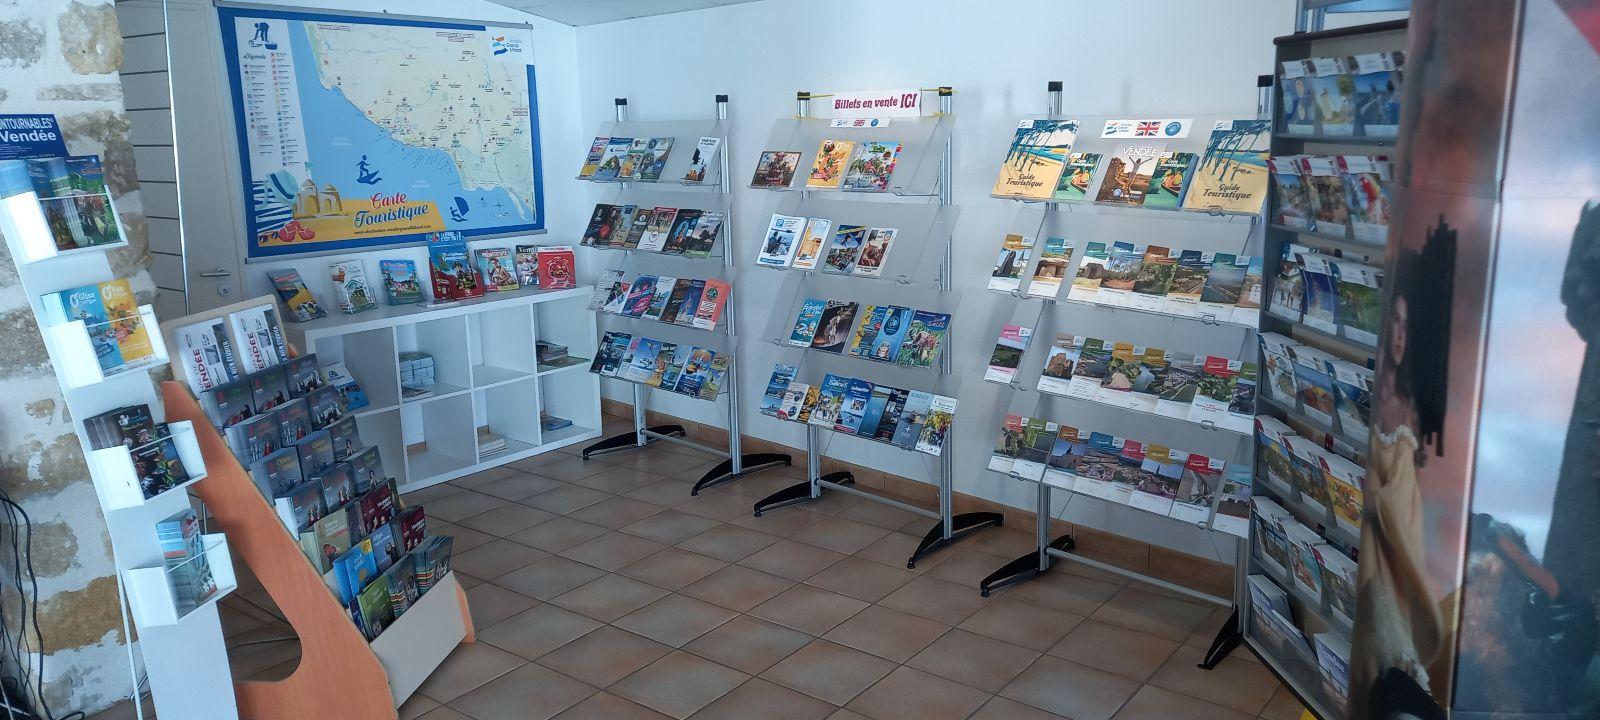 Bureau_de_tourisme_Avrillé_4